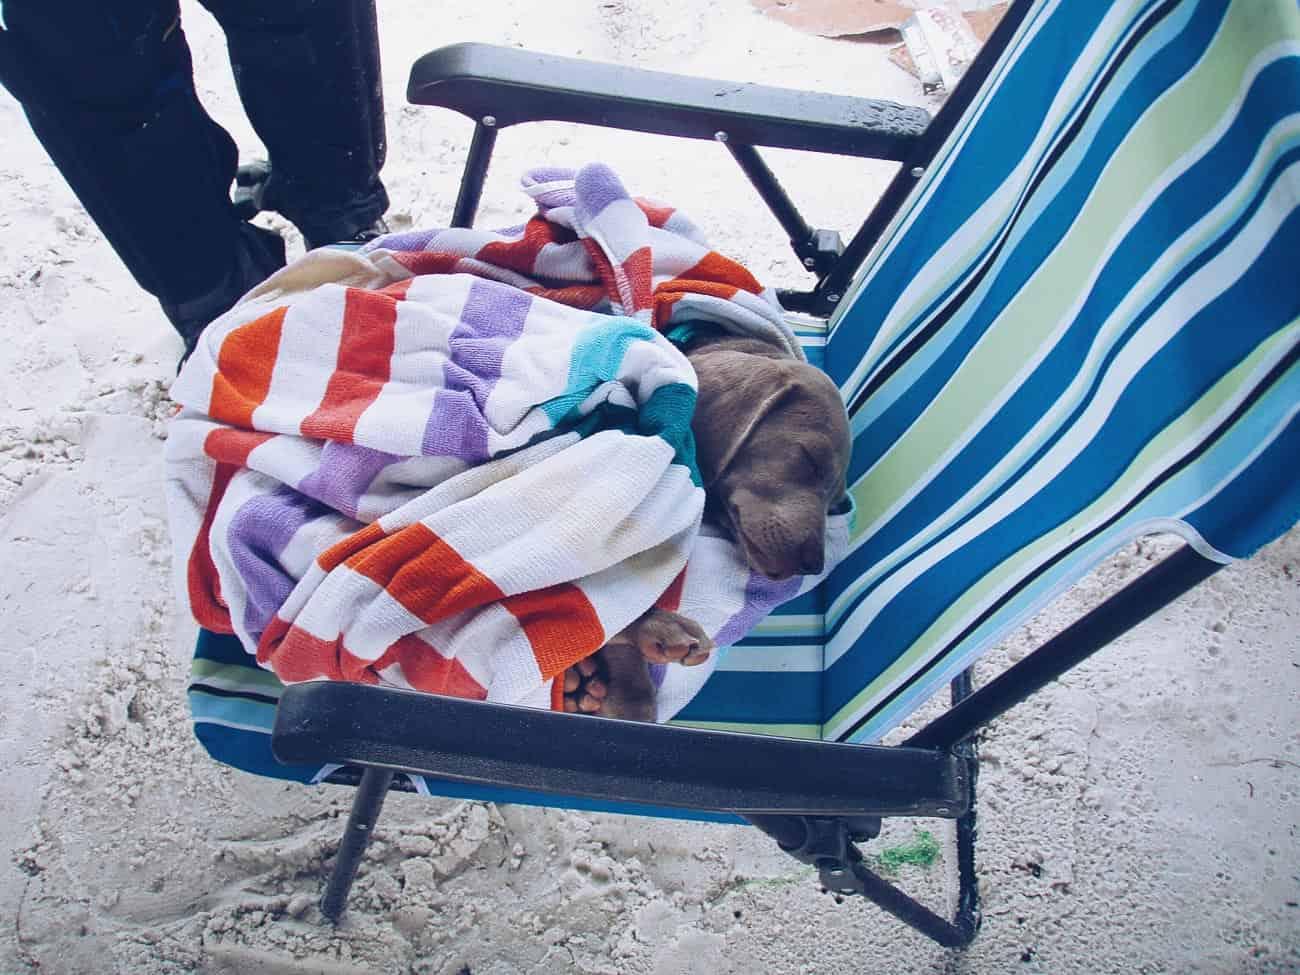 Weimaraner puppy at 10 weeks old at beach in St. Petersburg, FL